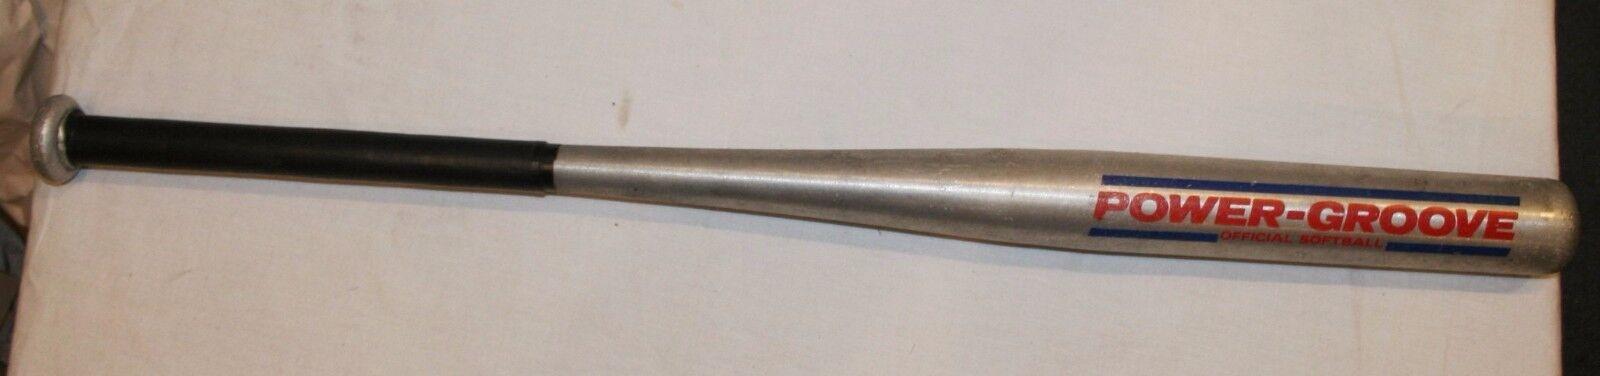 Wilson Power Groove Softball Bat A9622 33  Aluminum Metal